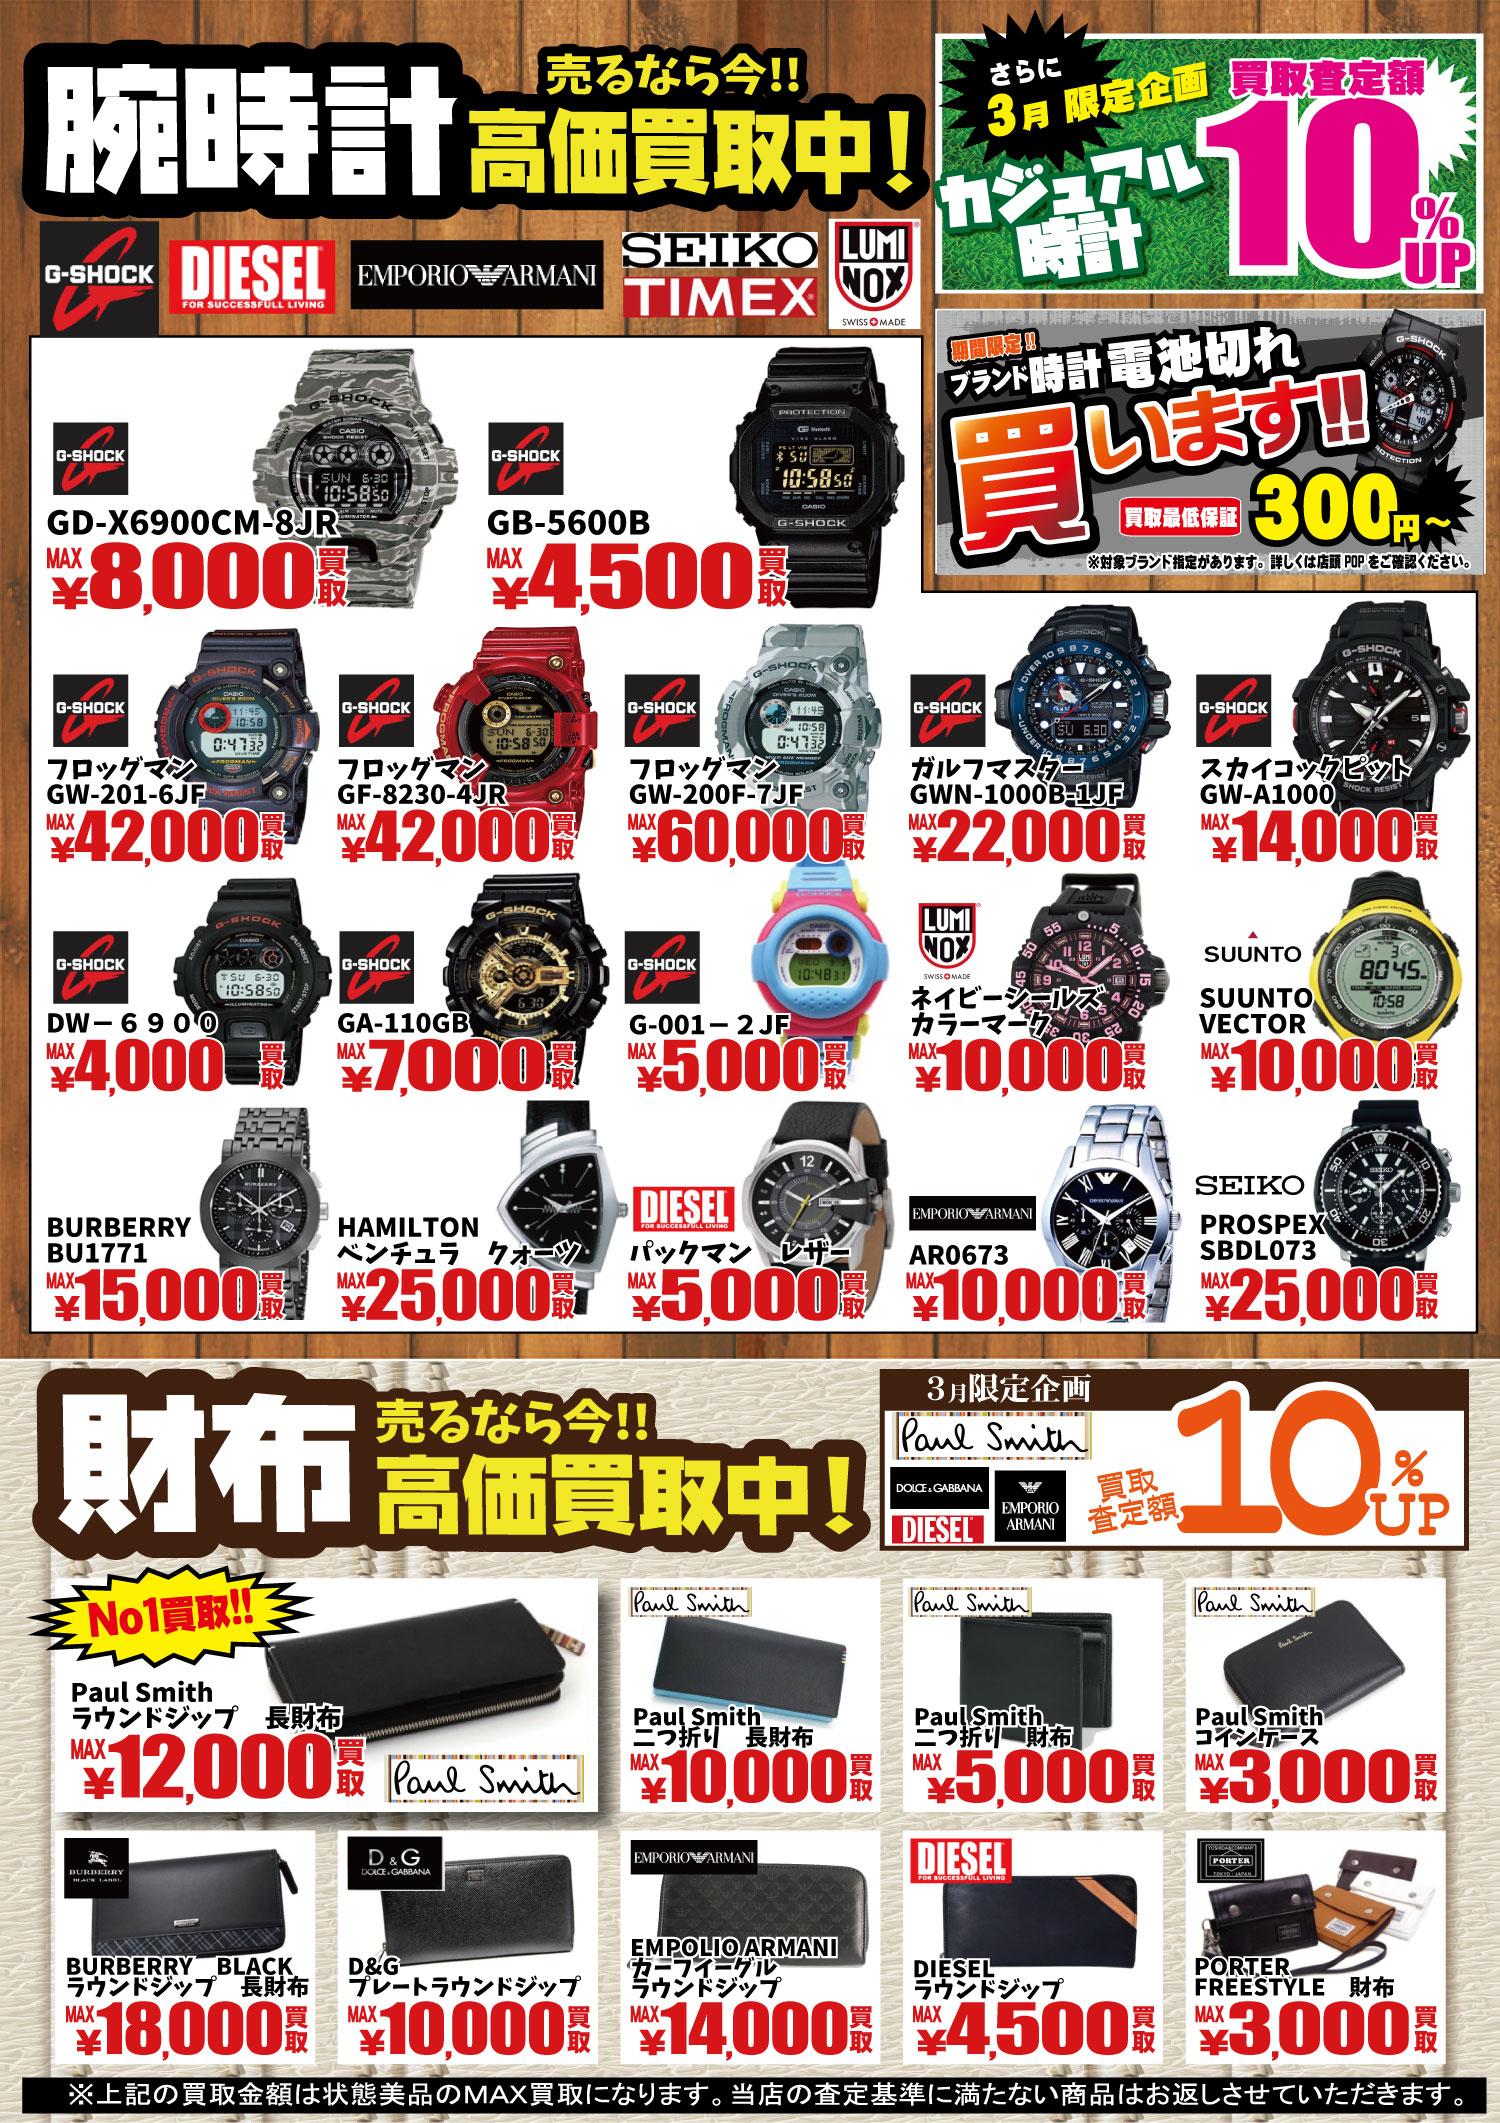 「開放倉庫山城店」2017年3月の腕時計、財布、買取チラシ!!3月限定企画も掲載!!